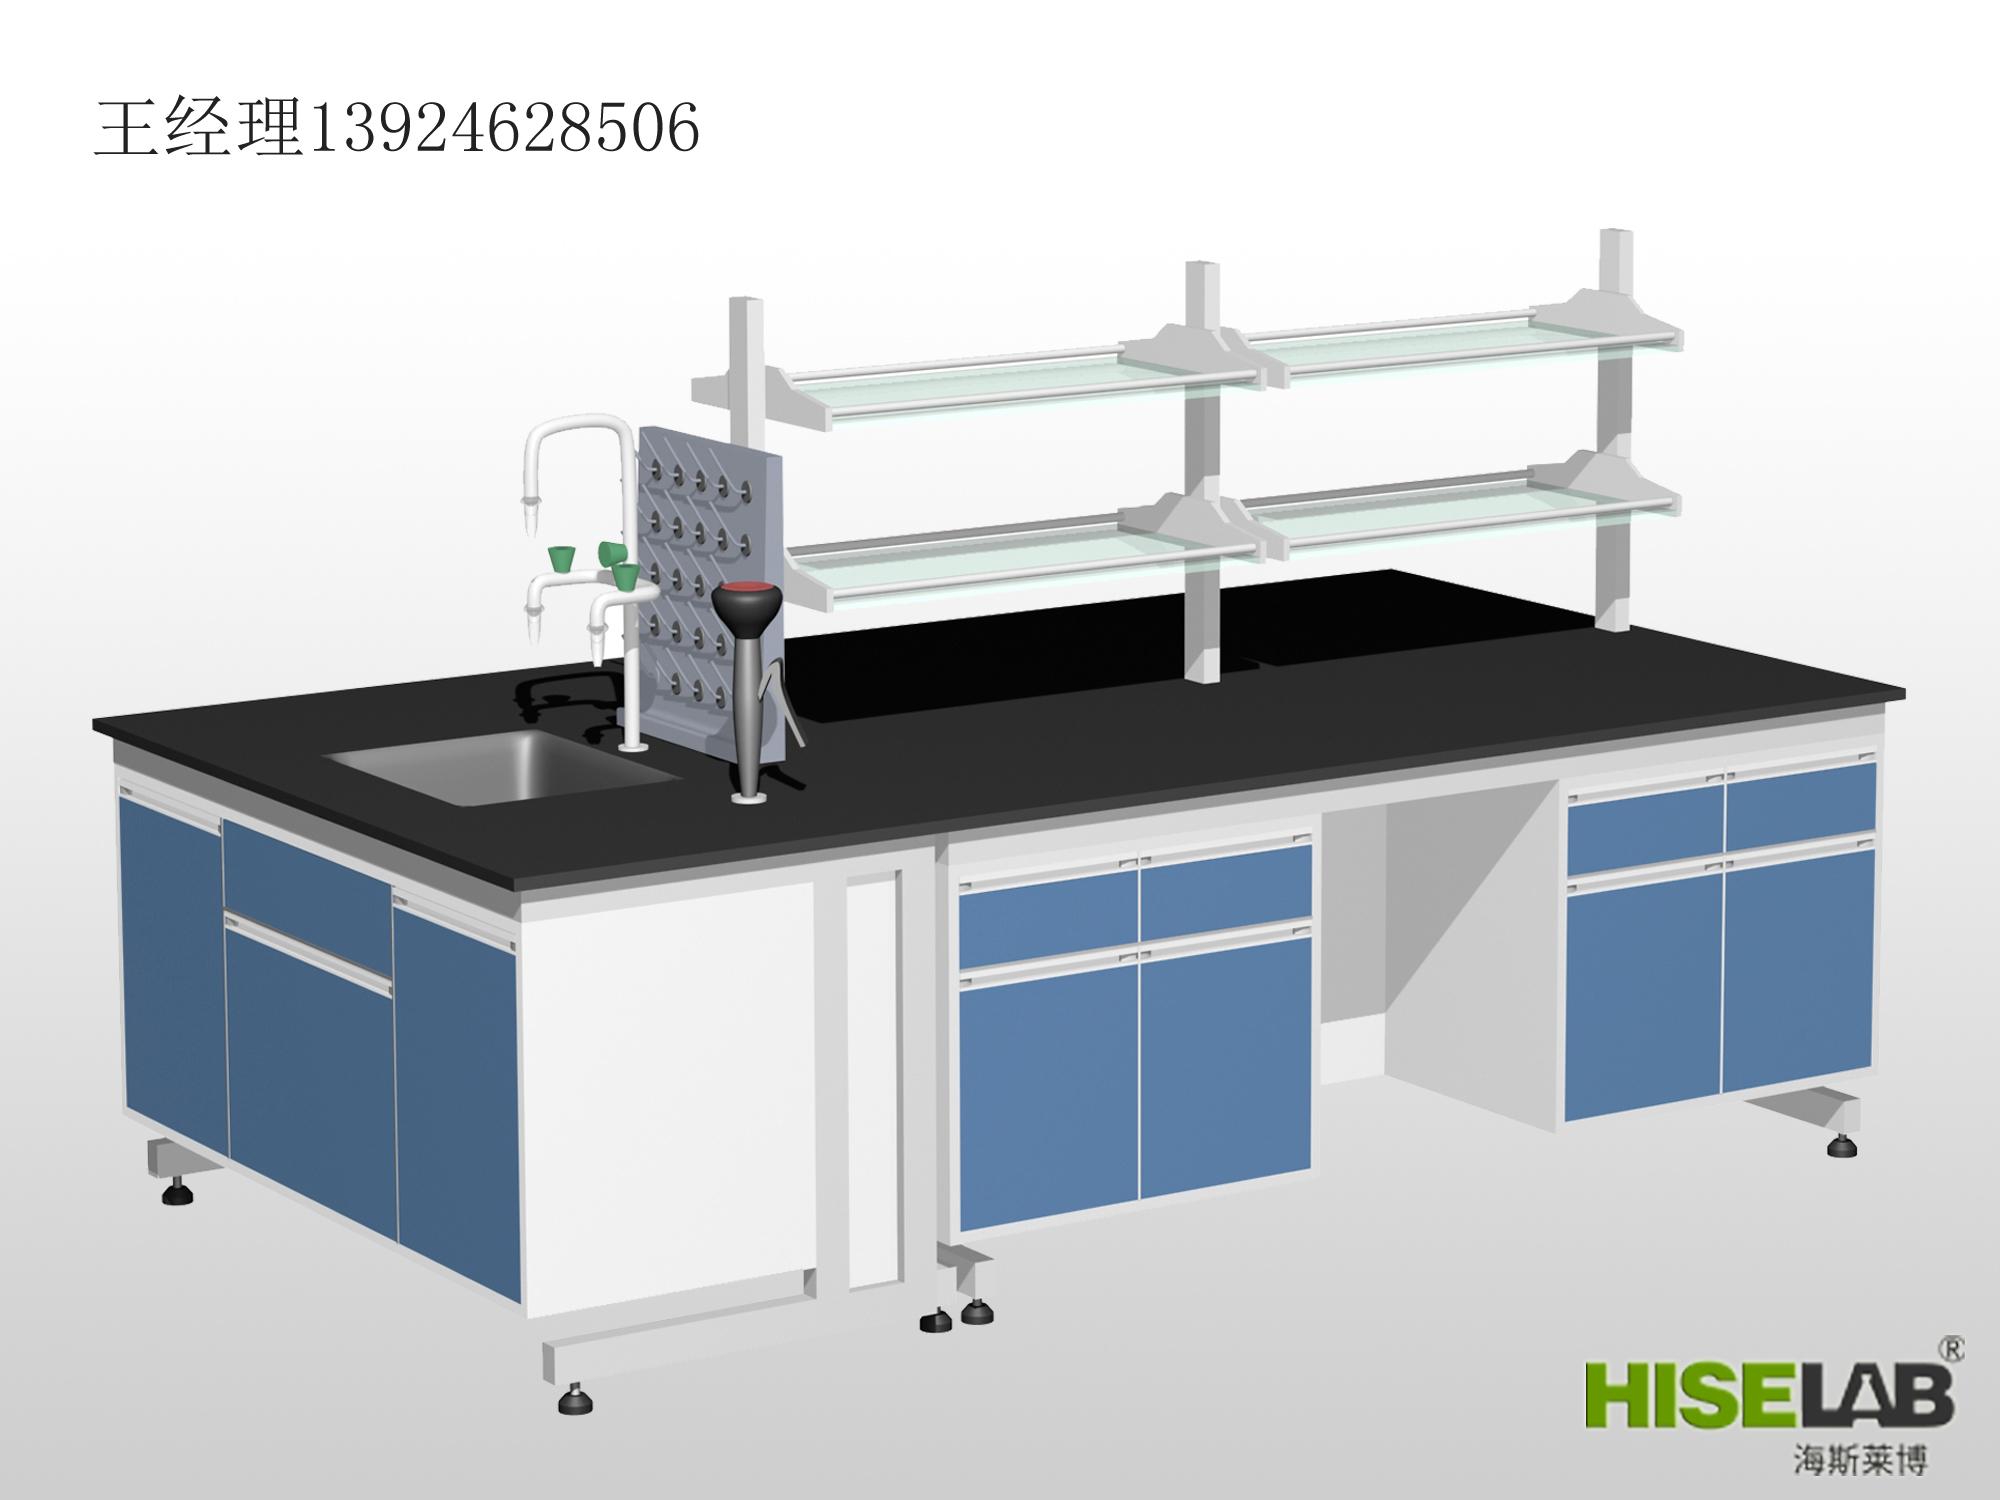 三经伟创海斯莱博HISELAB全钢实验室天平台支持定制